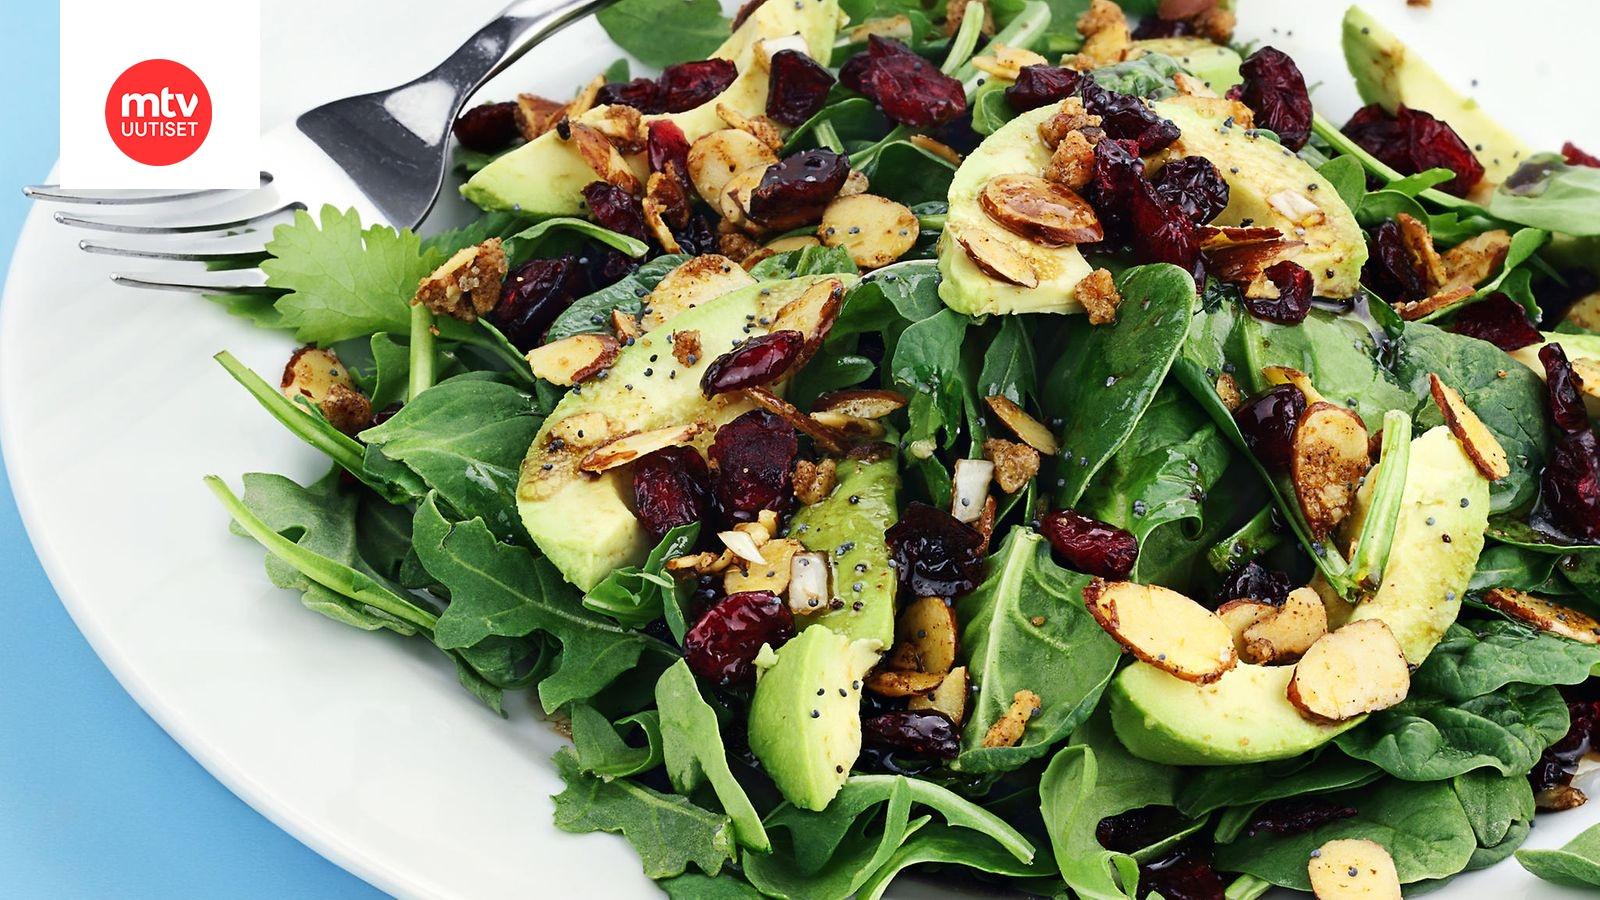 Vähähiilihydraattinen Ruokavalio